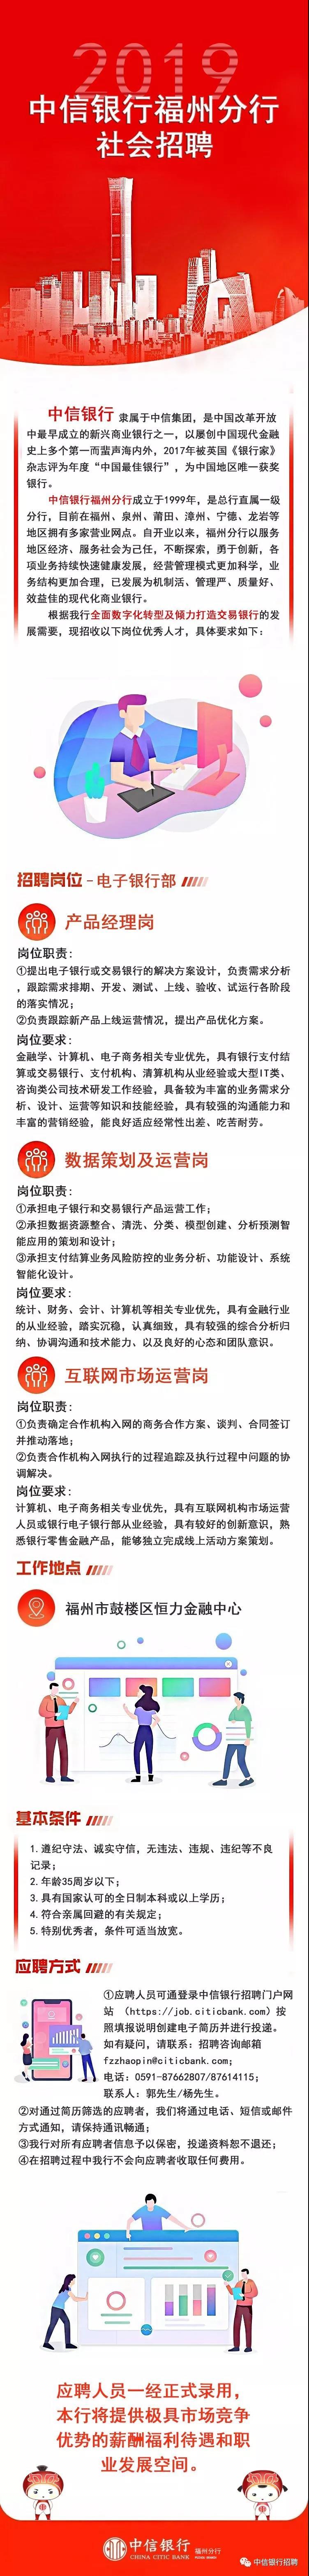 http://www.syhuiyi.com/qichexiaofei/9467.html